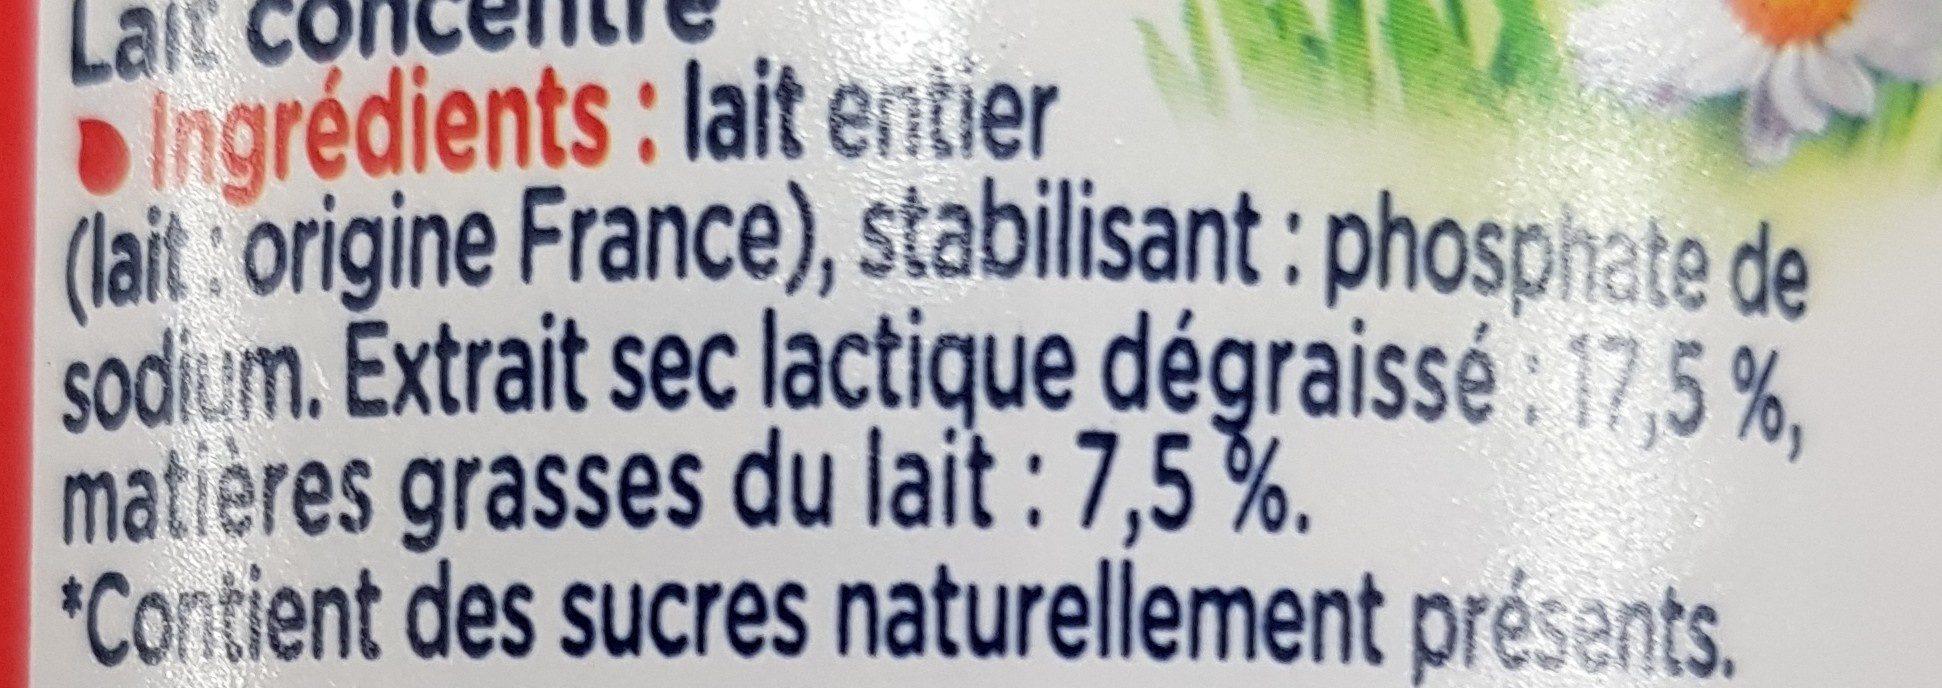 Lait concentré non sucré Entier (7,5 % MG) - Ingrédients